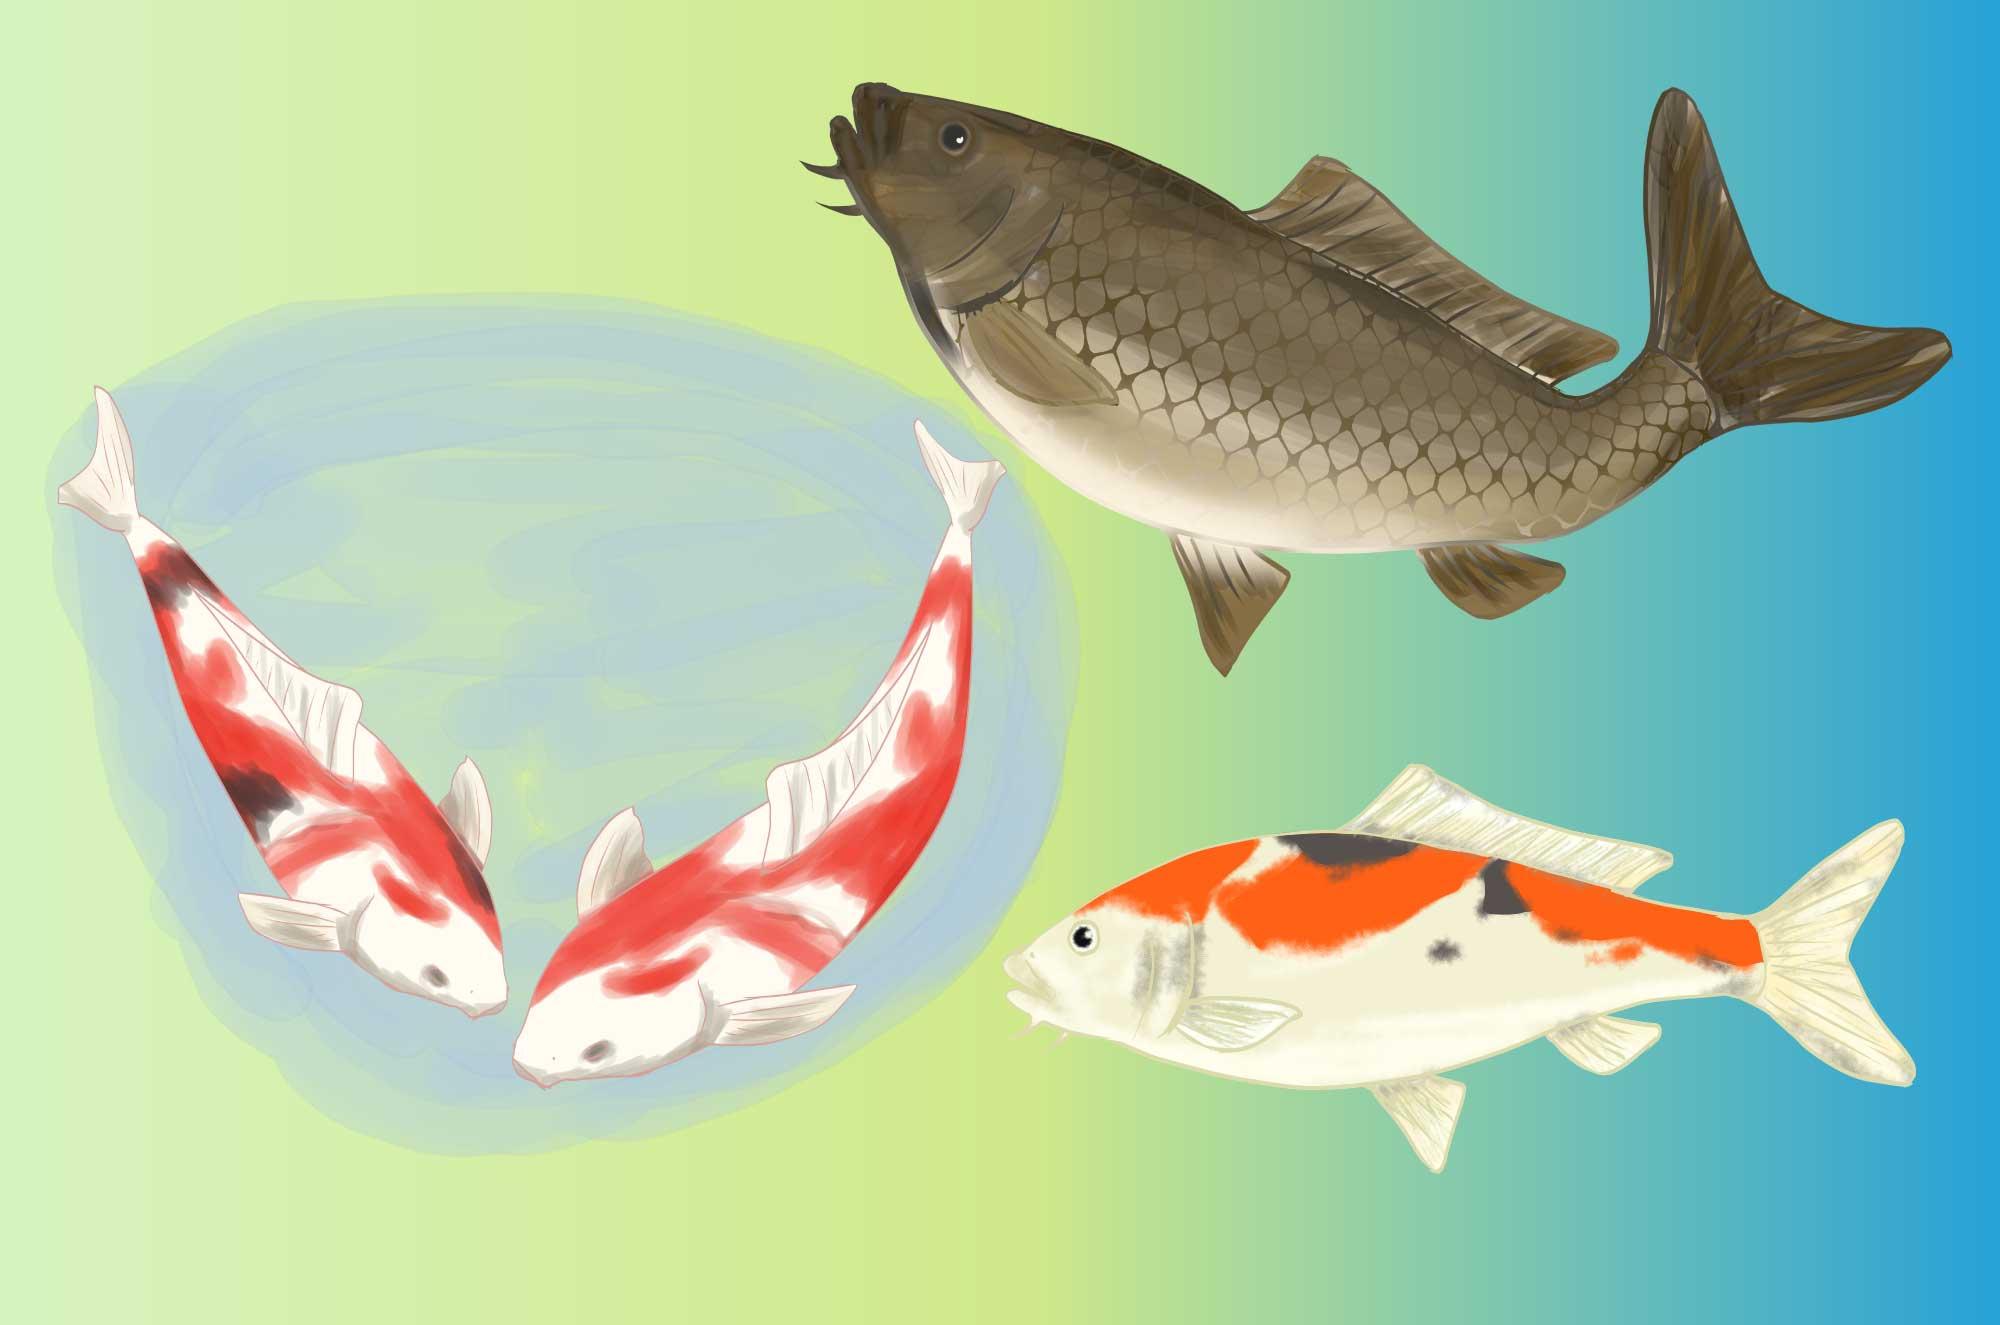 鯉のイラスト - 錦鯉・真鯉可愛い観賞魚の無料素材